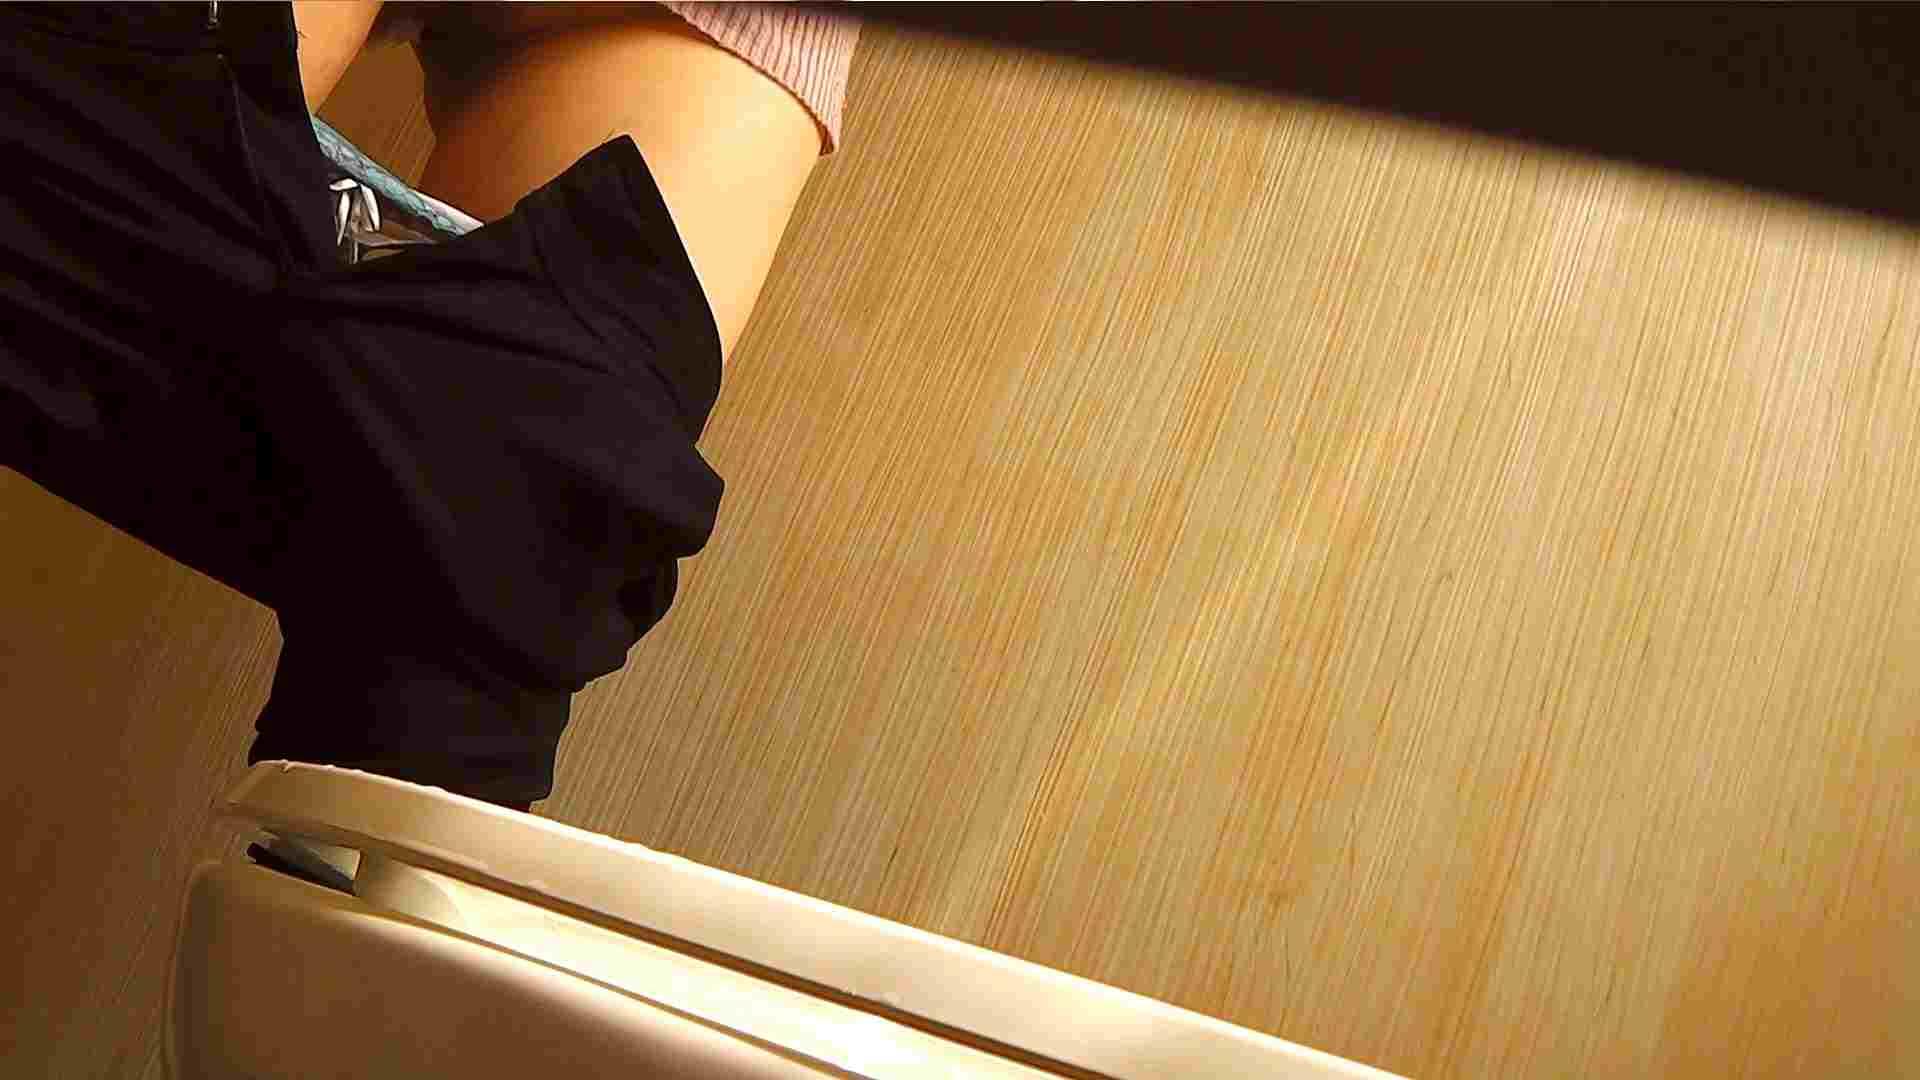 阿国ちゃんの「和式洋式七変化」No.1 お姉さんのSEX おまんこ無修正動画無料 89枚 58